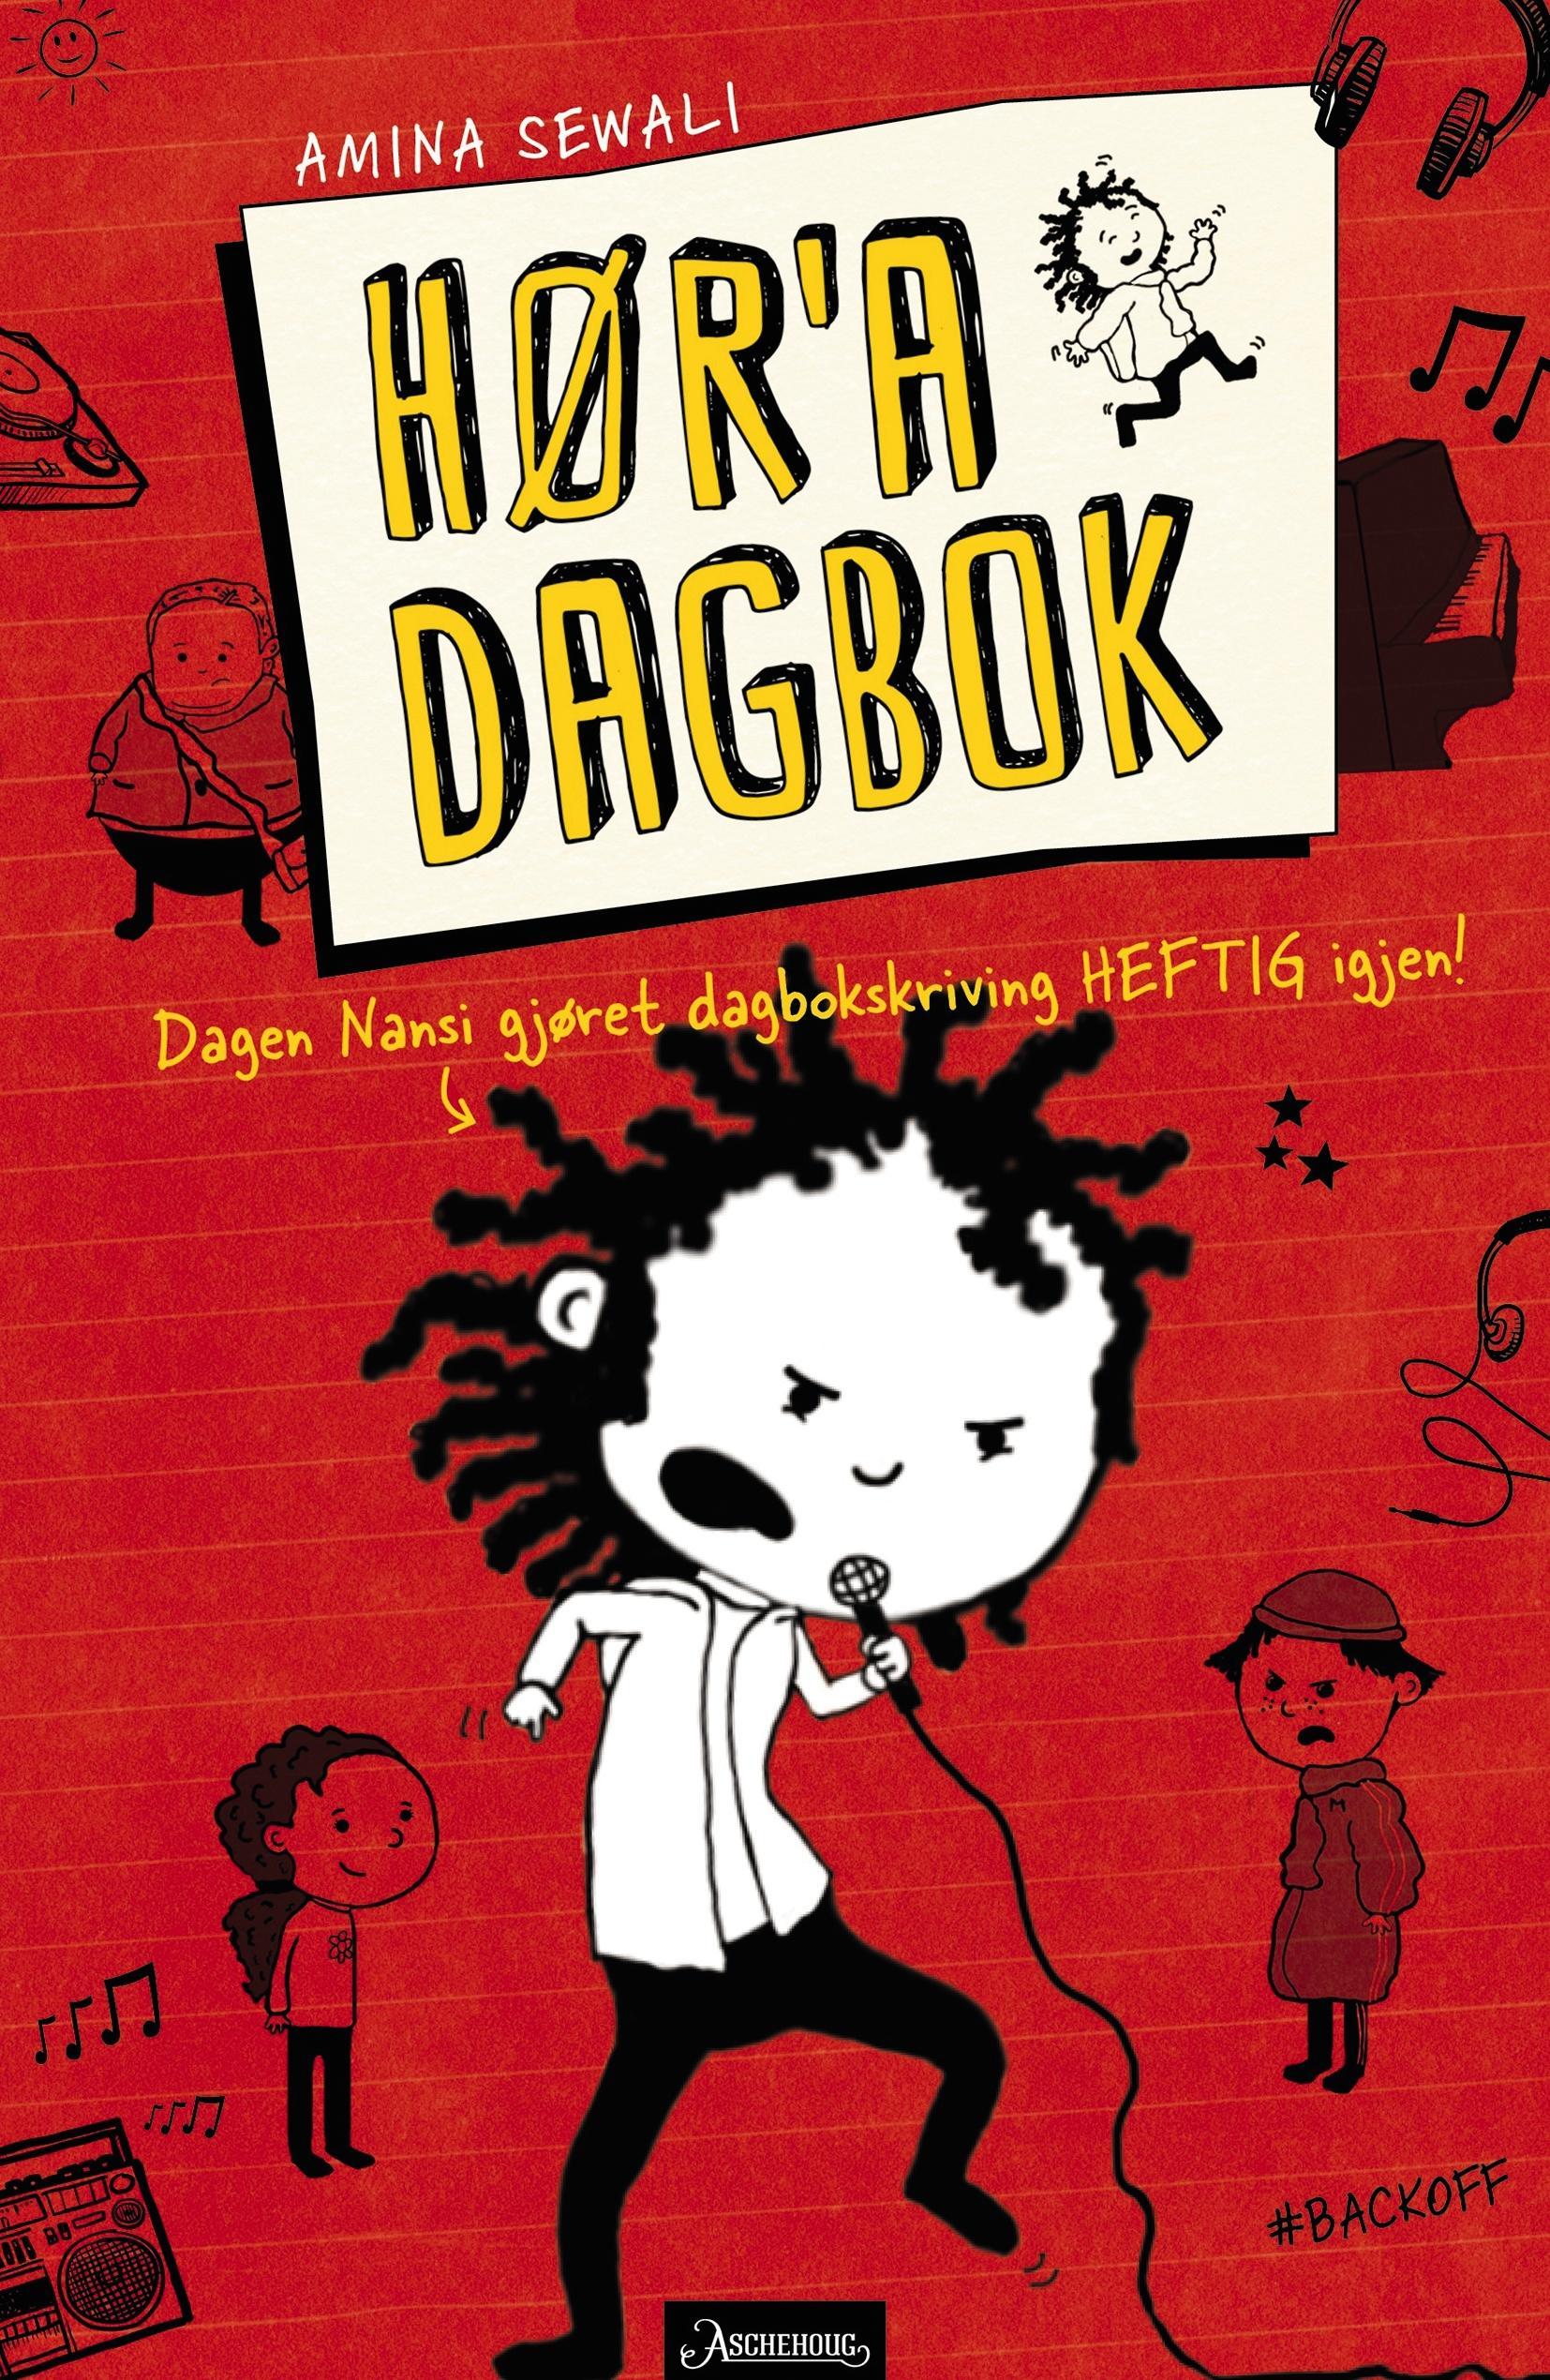 """""""Hør'a dagbok! - dagen Nansi gjøret dagbokskriving heftig igjen!"""" av Amina Sewali"""